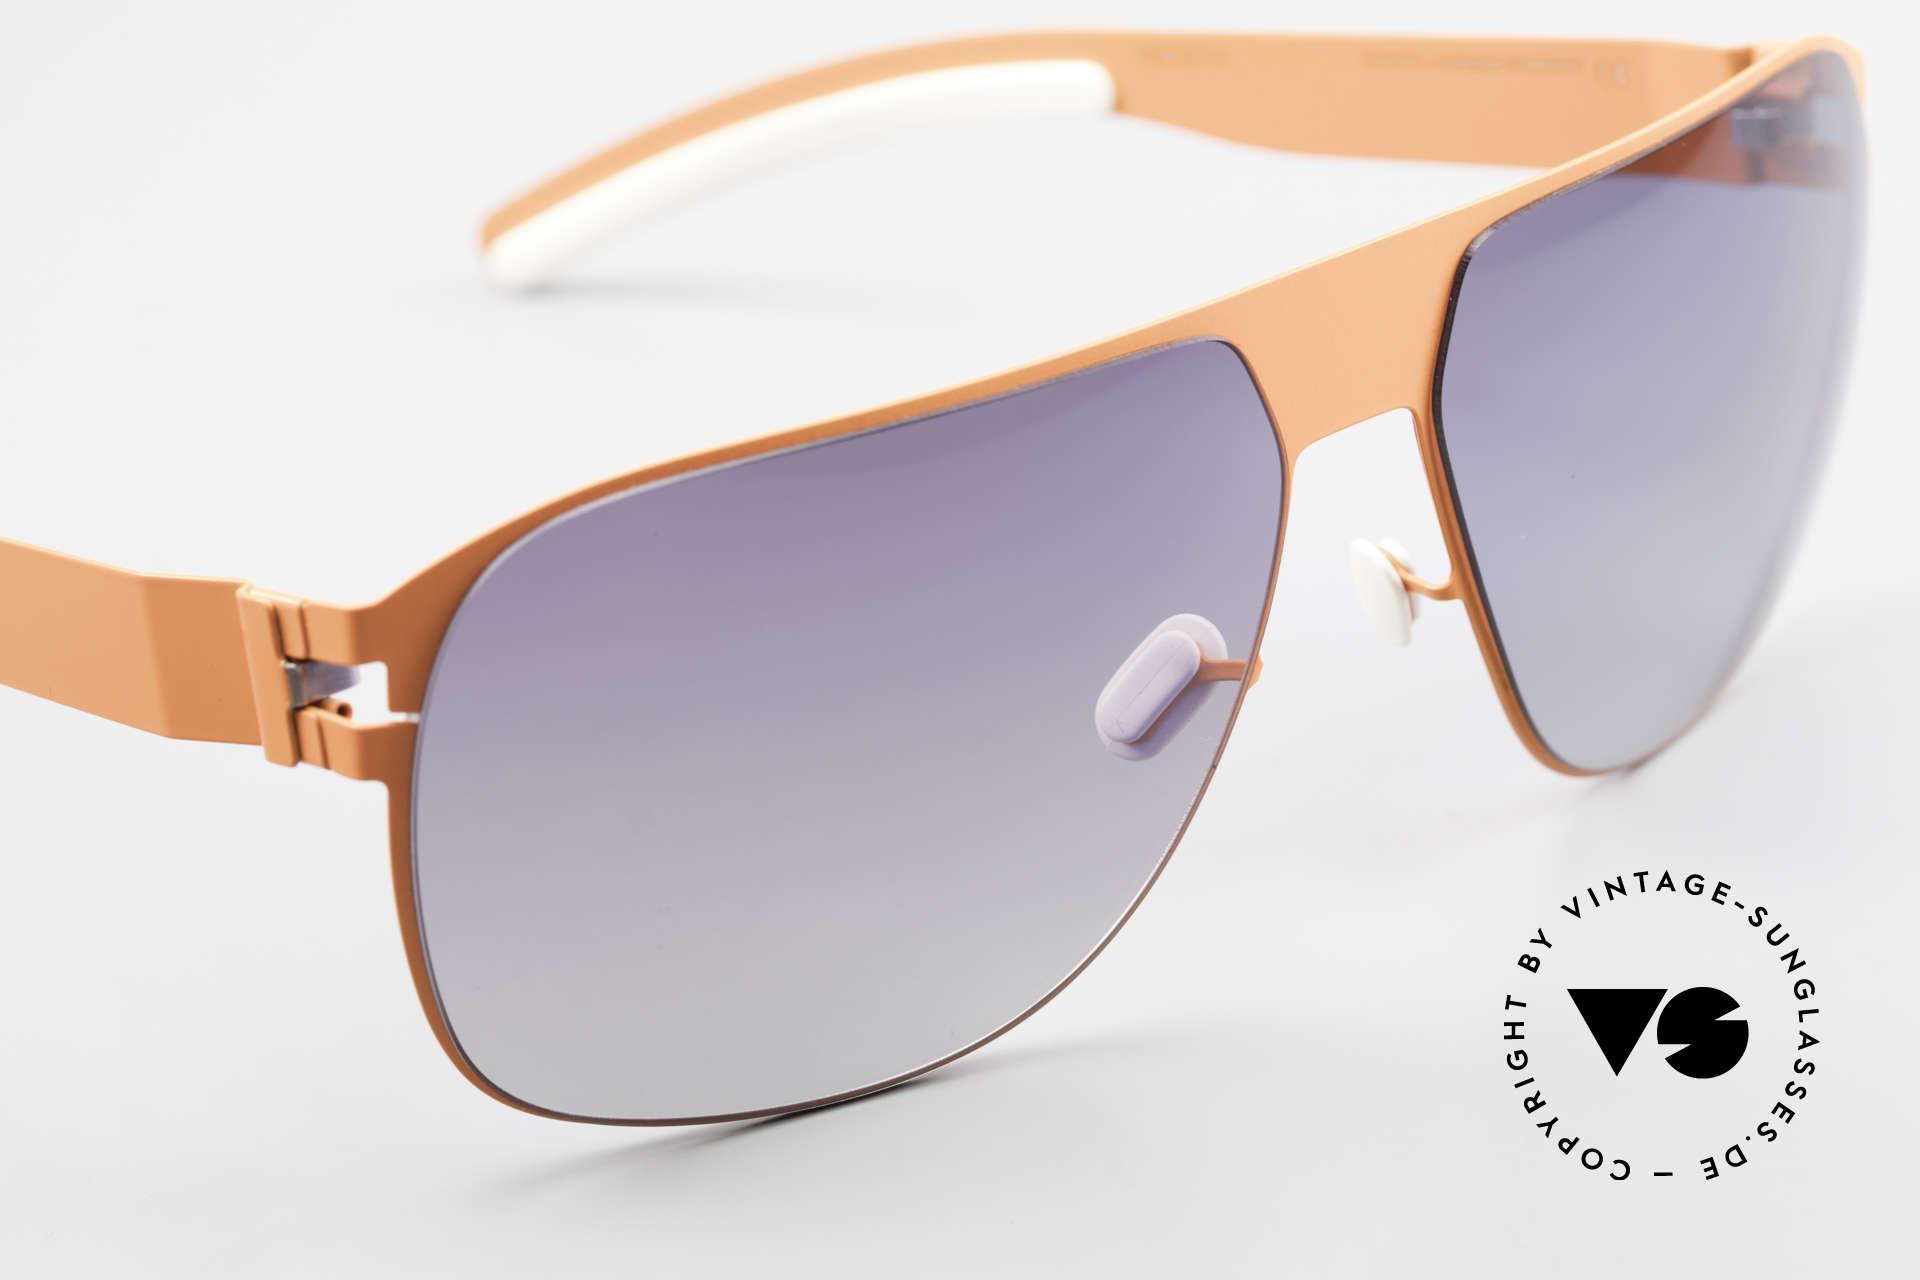 Mykita Tim Collection No 1 Sonnenbrille, daher jetzt bei uns (natürlich ungetragen und mit Etui), Passend für Herren